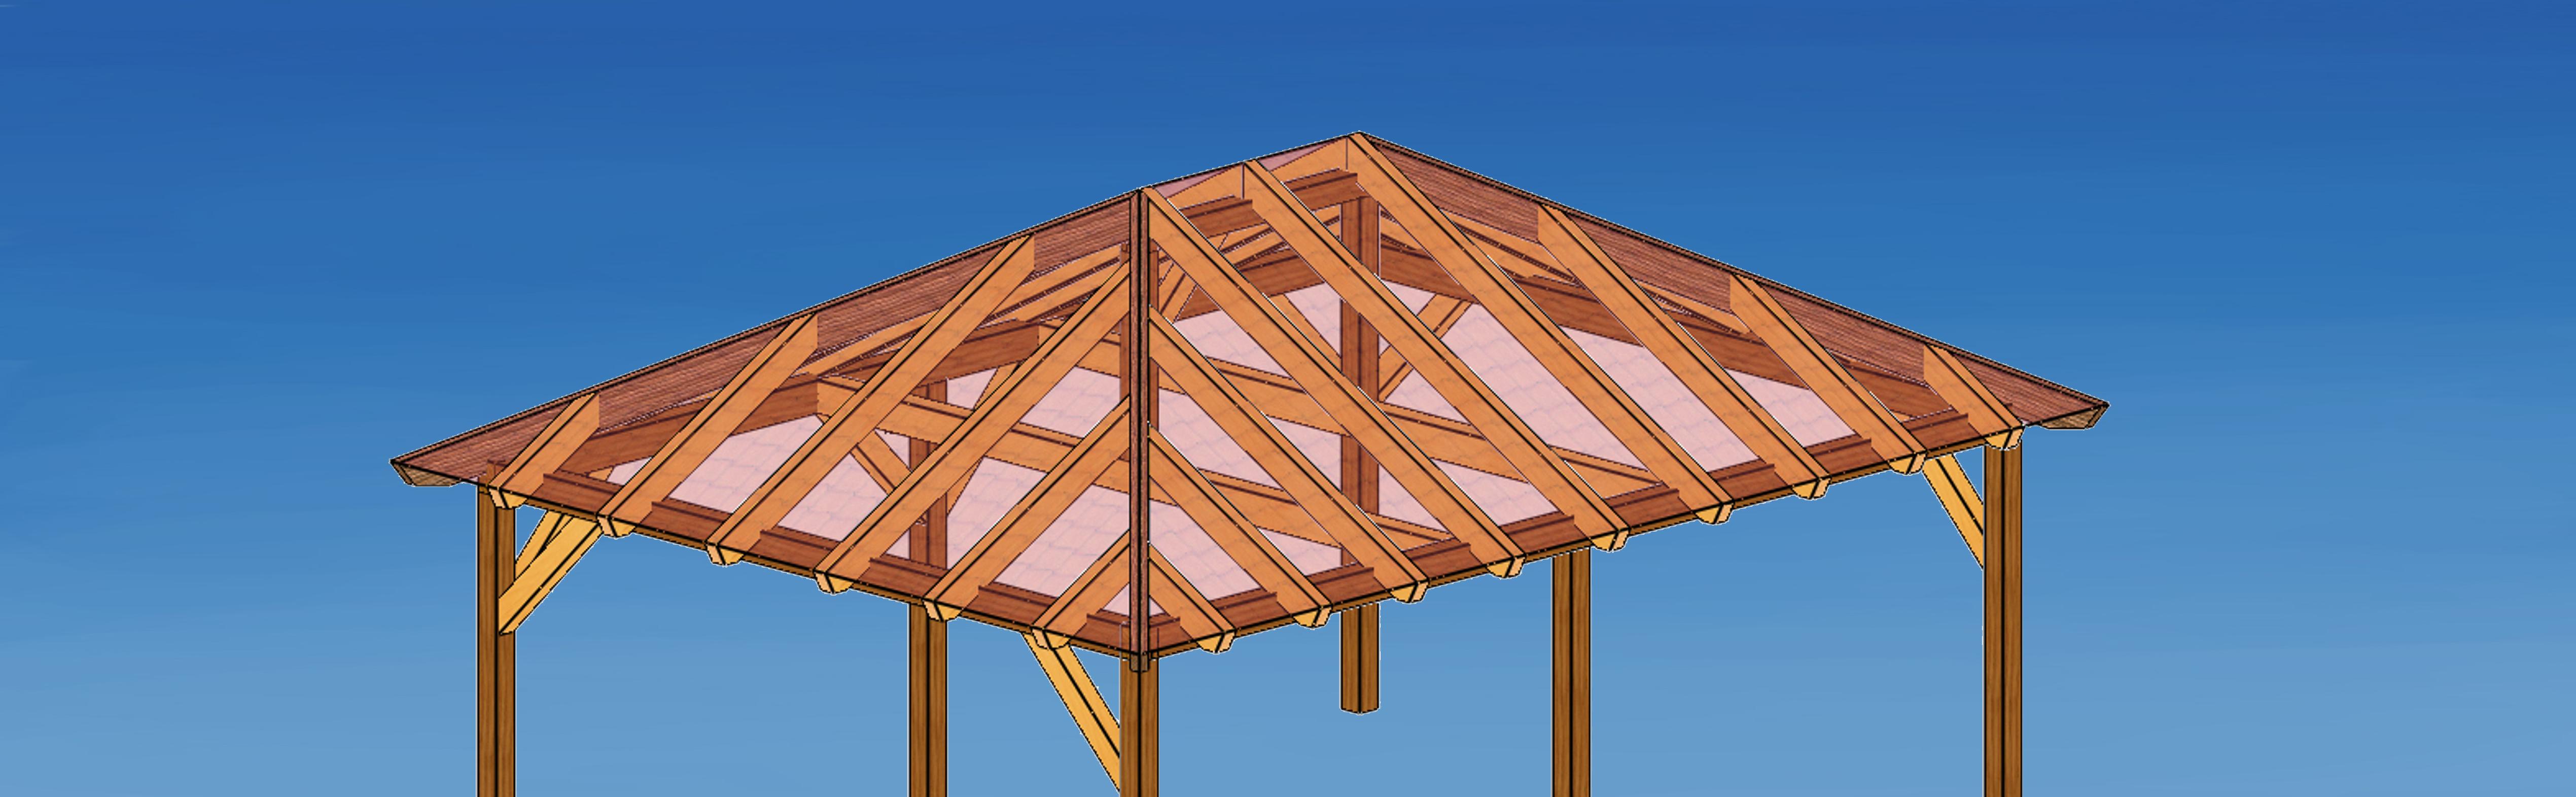 Carport-Zeichnung - Holzbausätze individuell und zum selber aufbauen